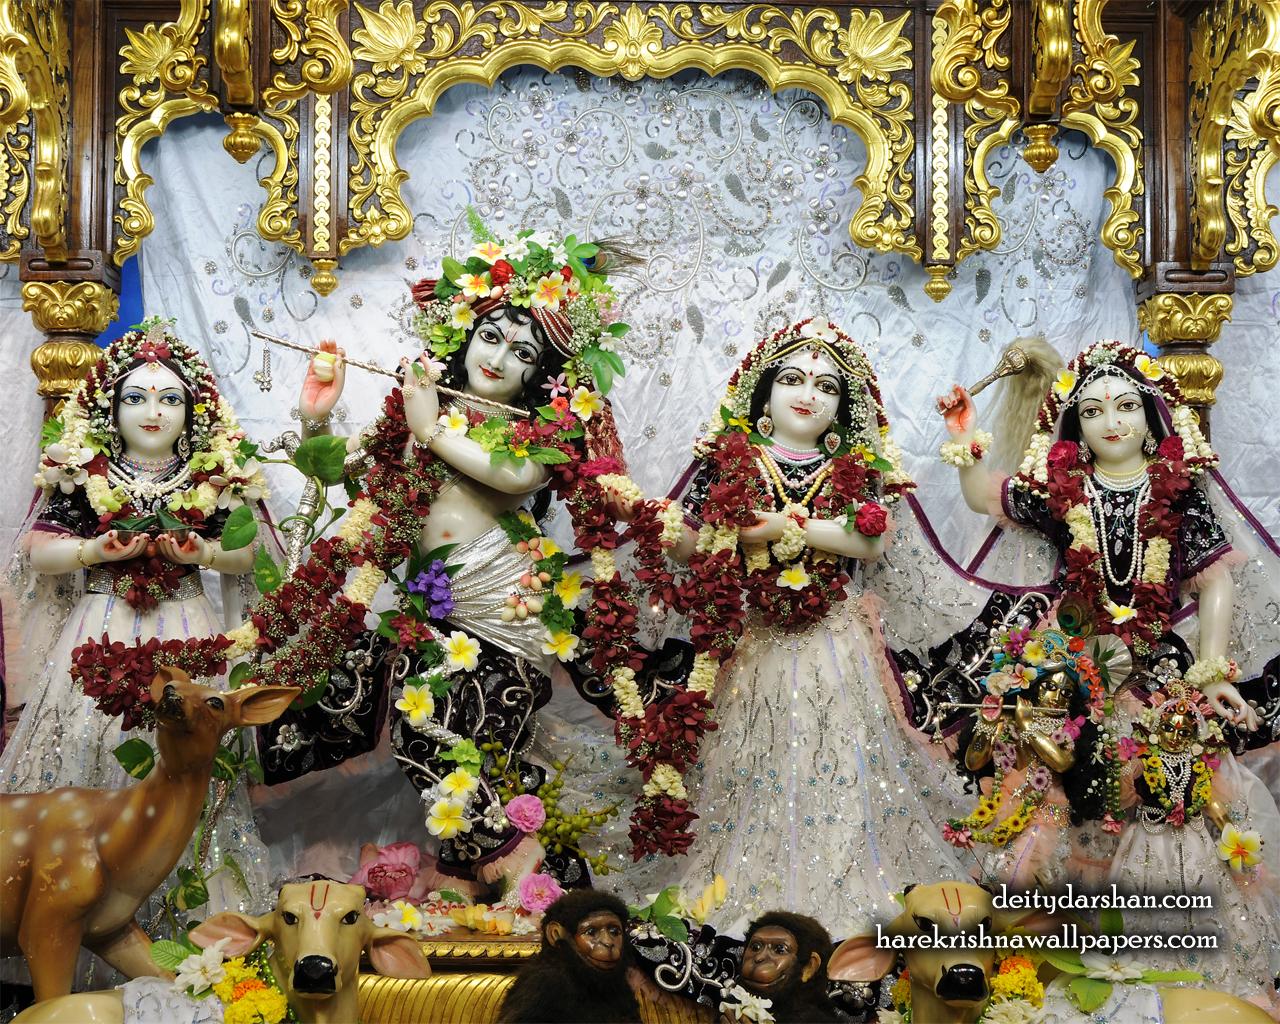 Sri Sri Radha Gopinath Lalita Vishakha Wallpaper (073) Size 1280x1024 Download